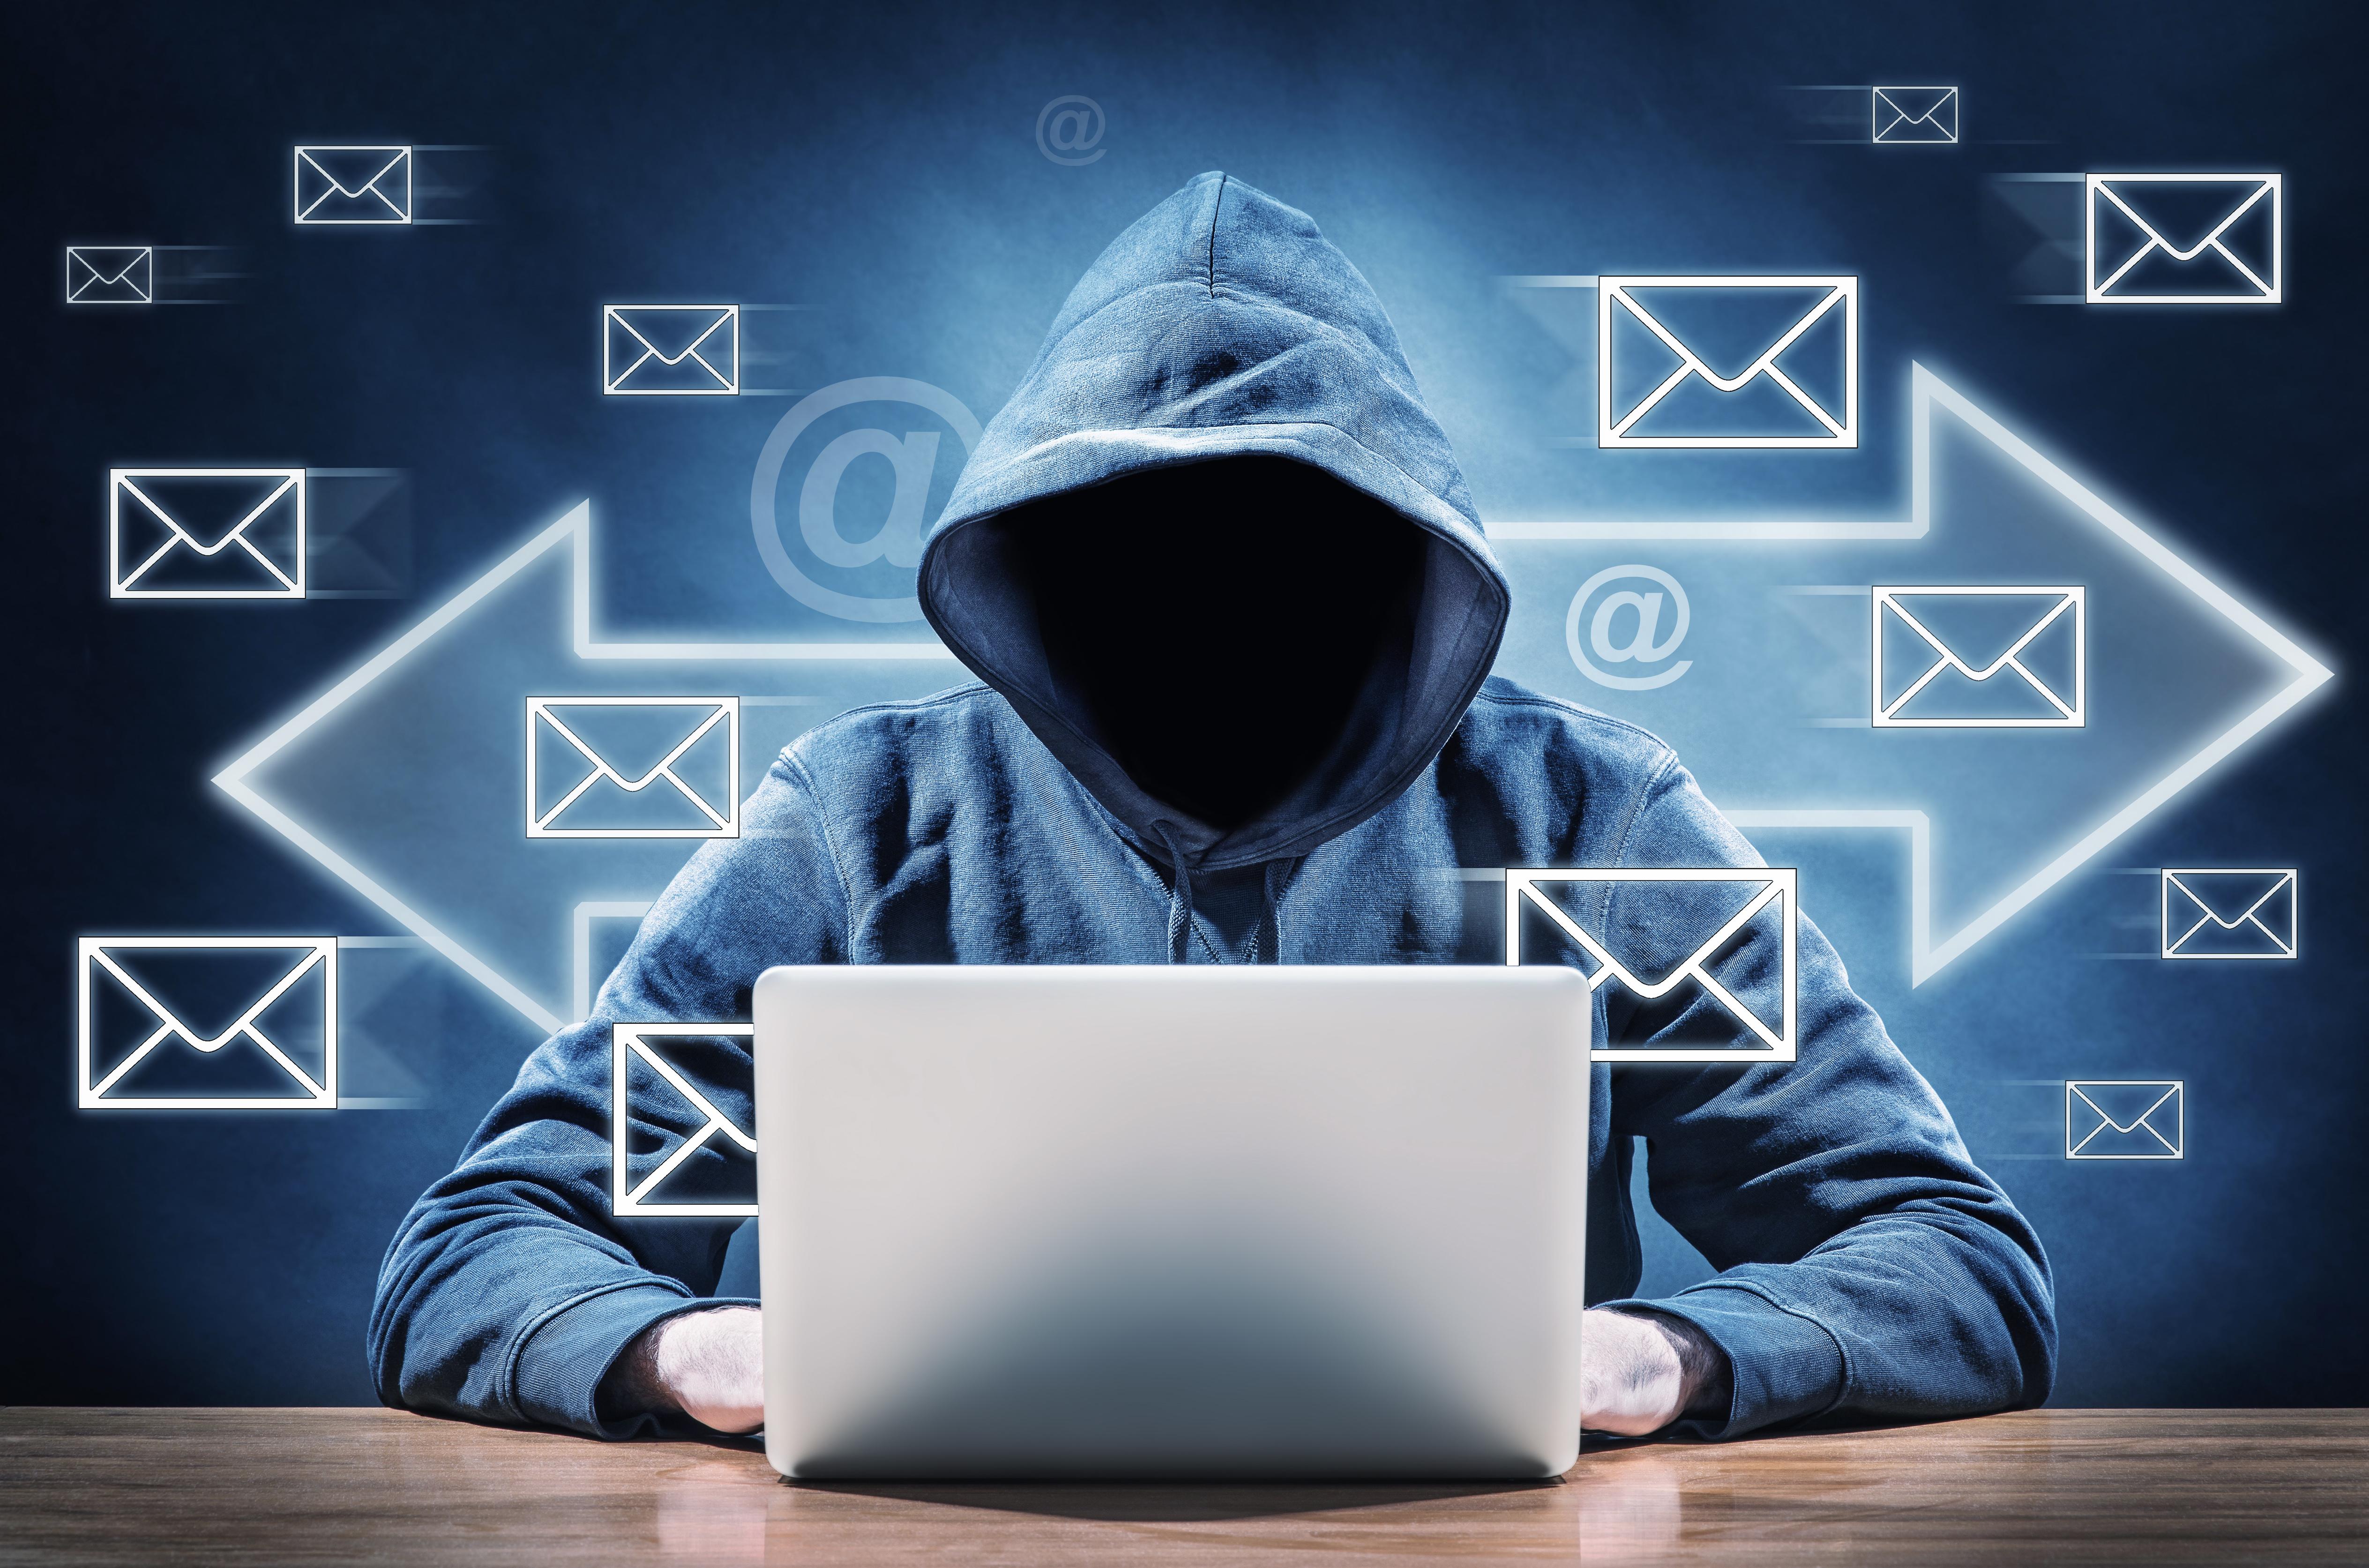 あなたも狙われている?巧みに偽装してセキュリティ攻撃をするサプライチェーン攻撃の対策方法